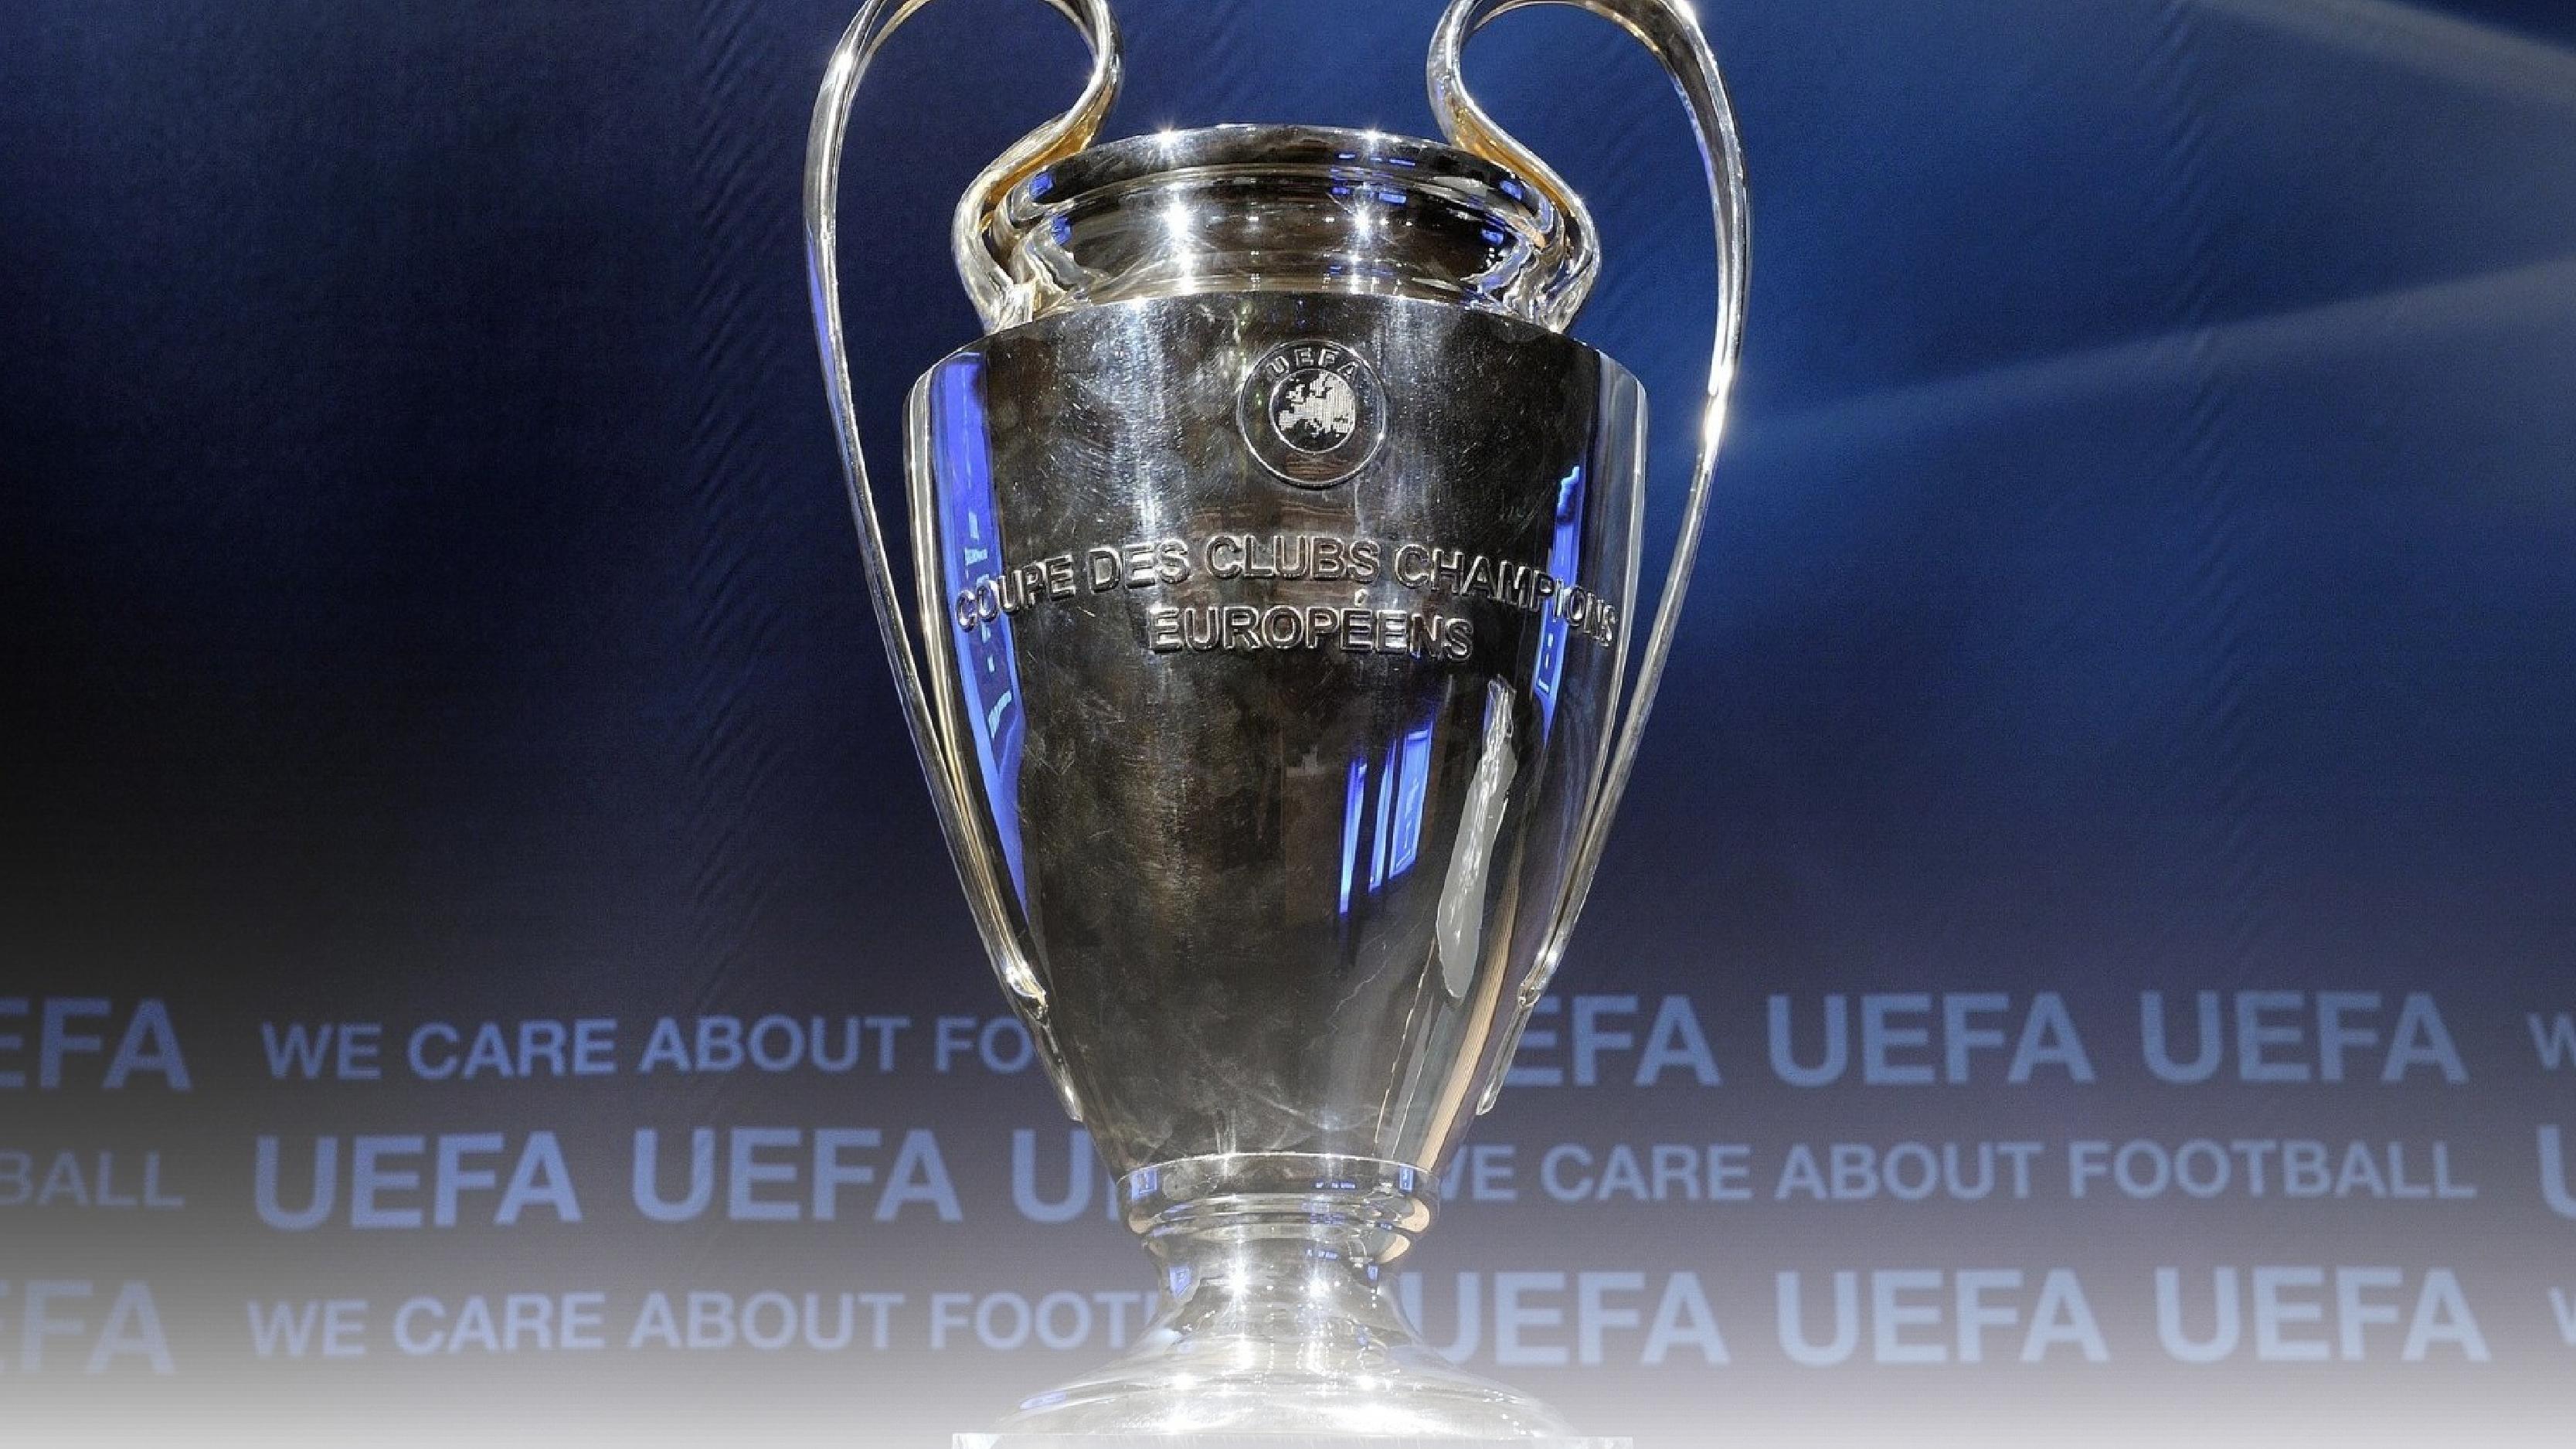 La desigualdad en las ligas europeas tiene un causante: la Champions League